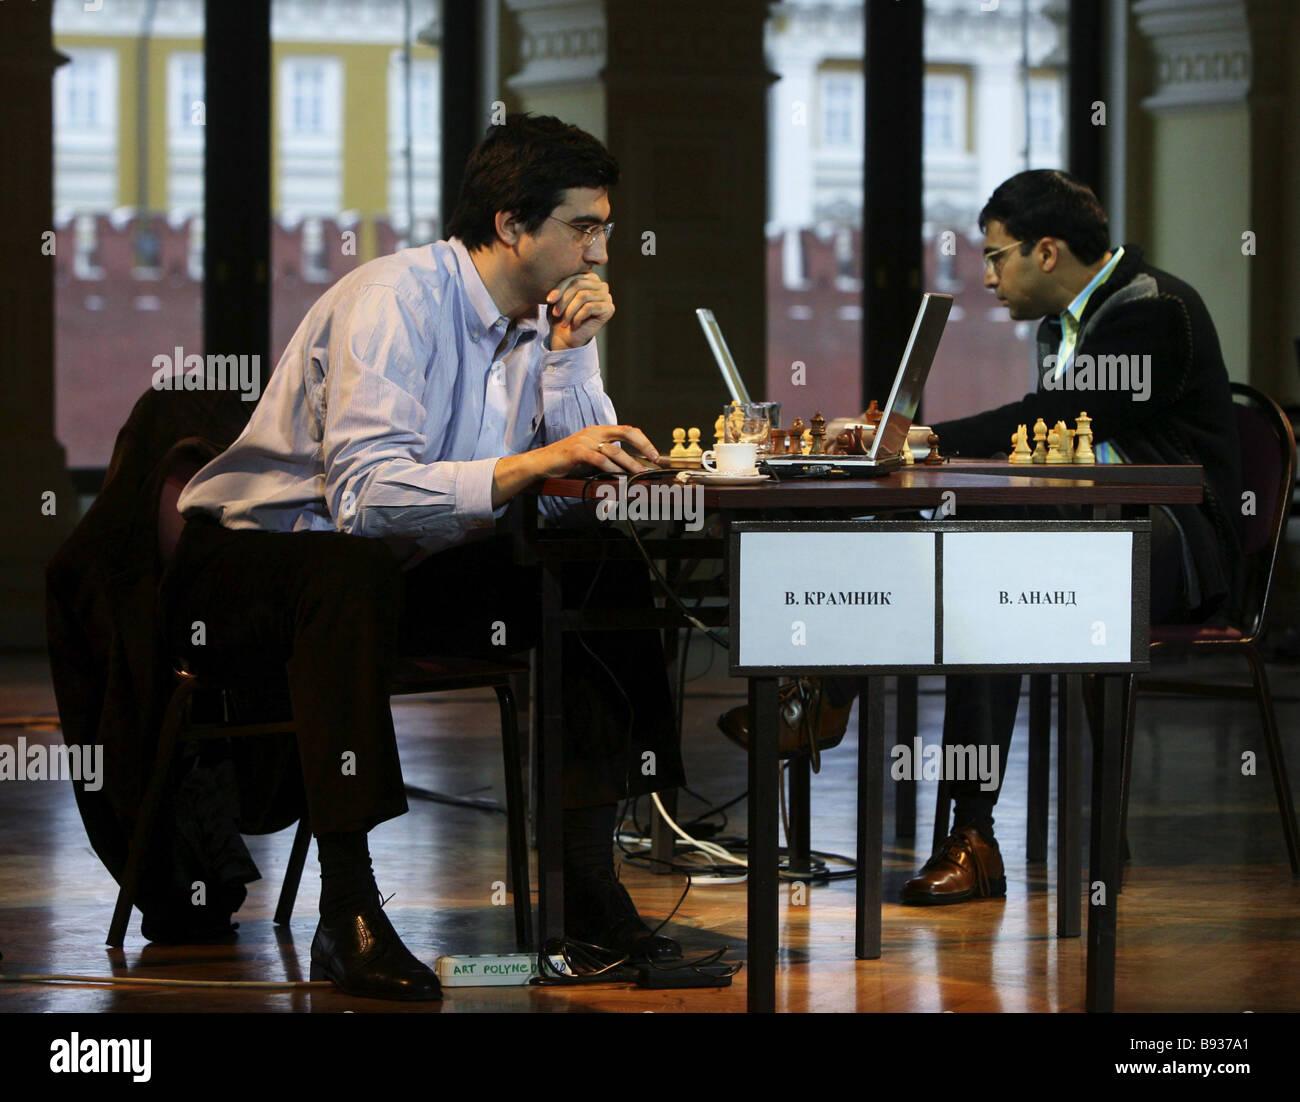 Unico a due gioco cyborg avanzata partita a scacchi tra il campione worlkd Viswanathan Anand India destra e mondo Immagini Stock